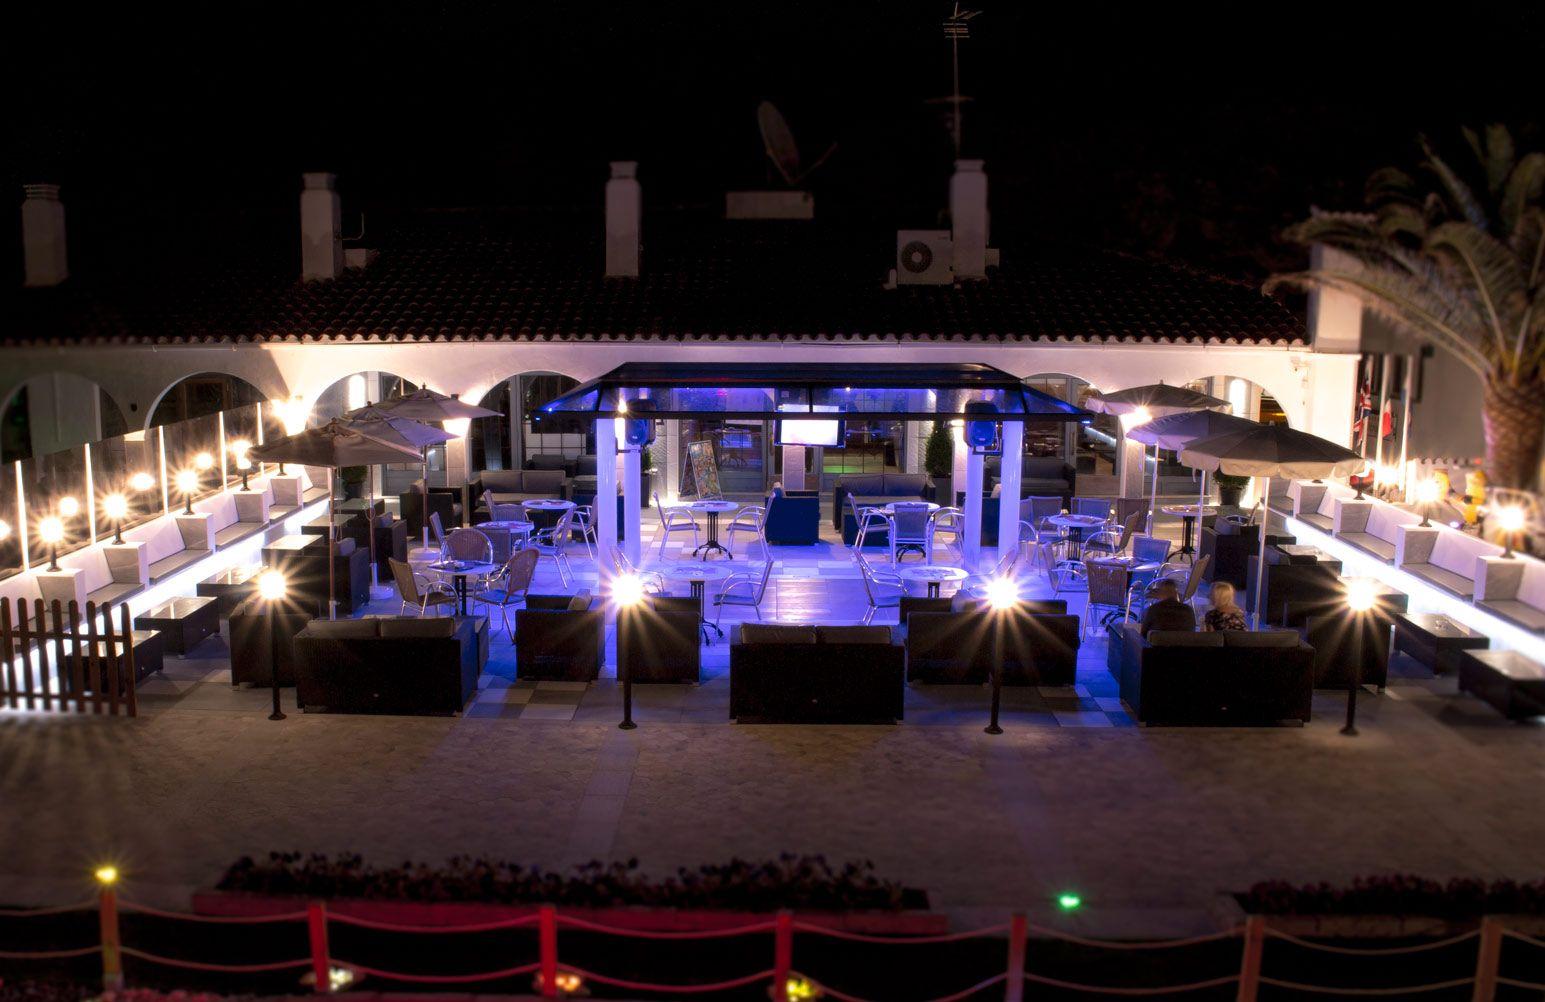 Locale commerciale  Avenida vial del arenal, 2-540. Pub / restaurante reformado en la zona comercial de son parc